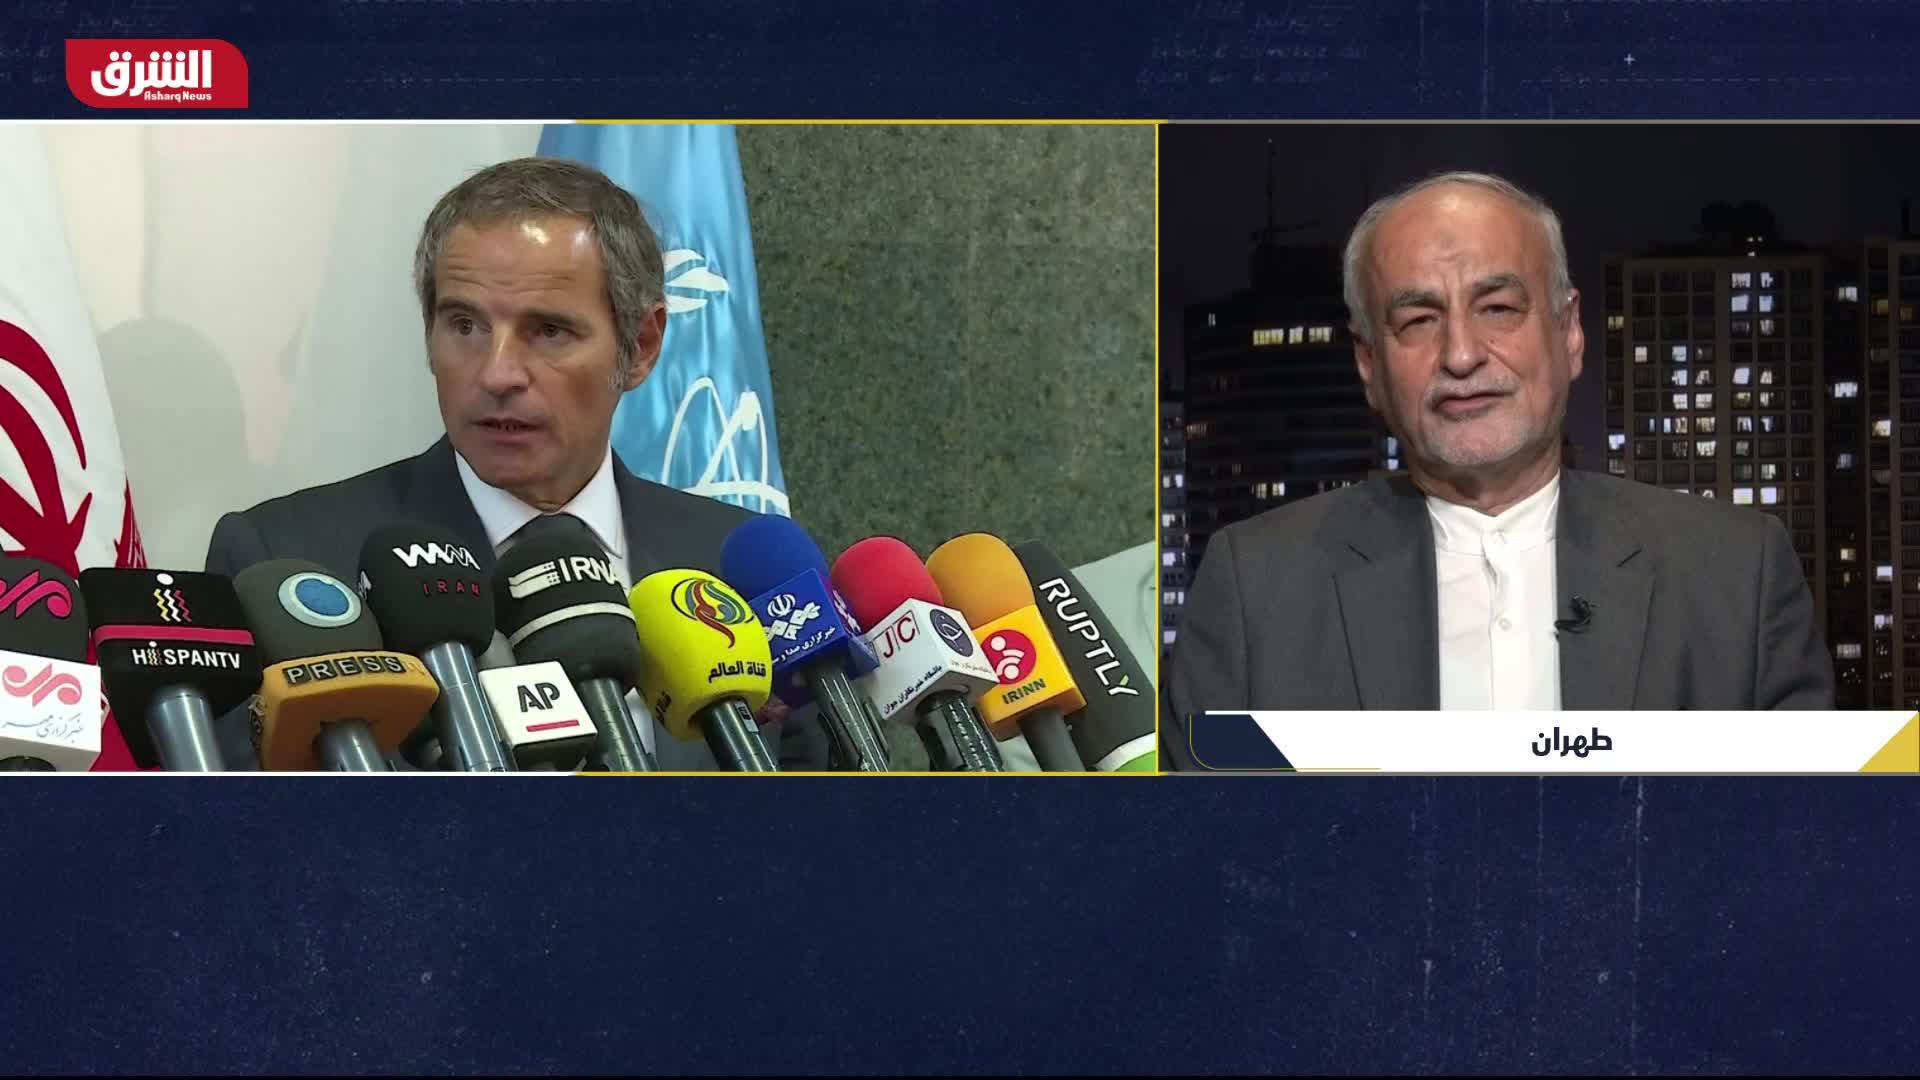 ما هي تداعيات انضمام طهران إلى منظمة شنغهاي للتعاون؟